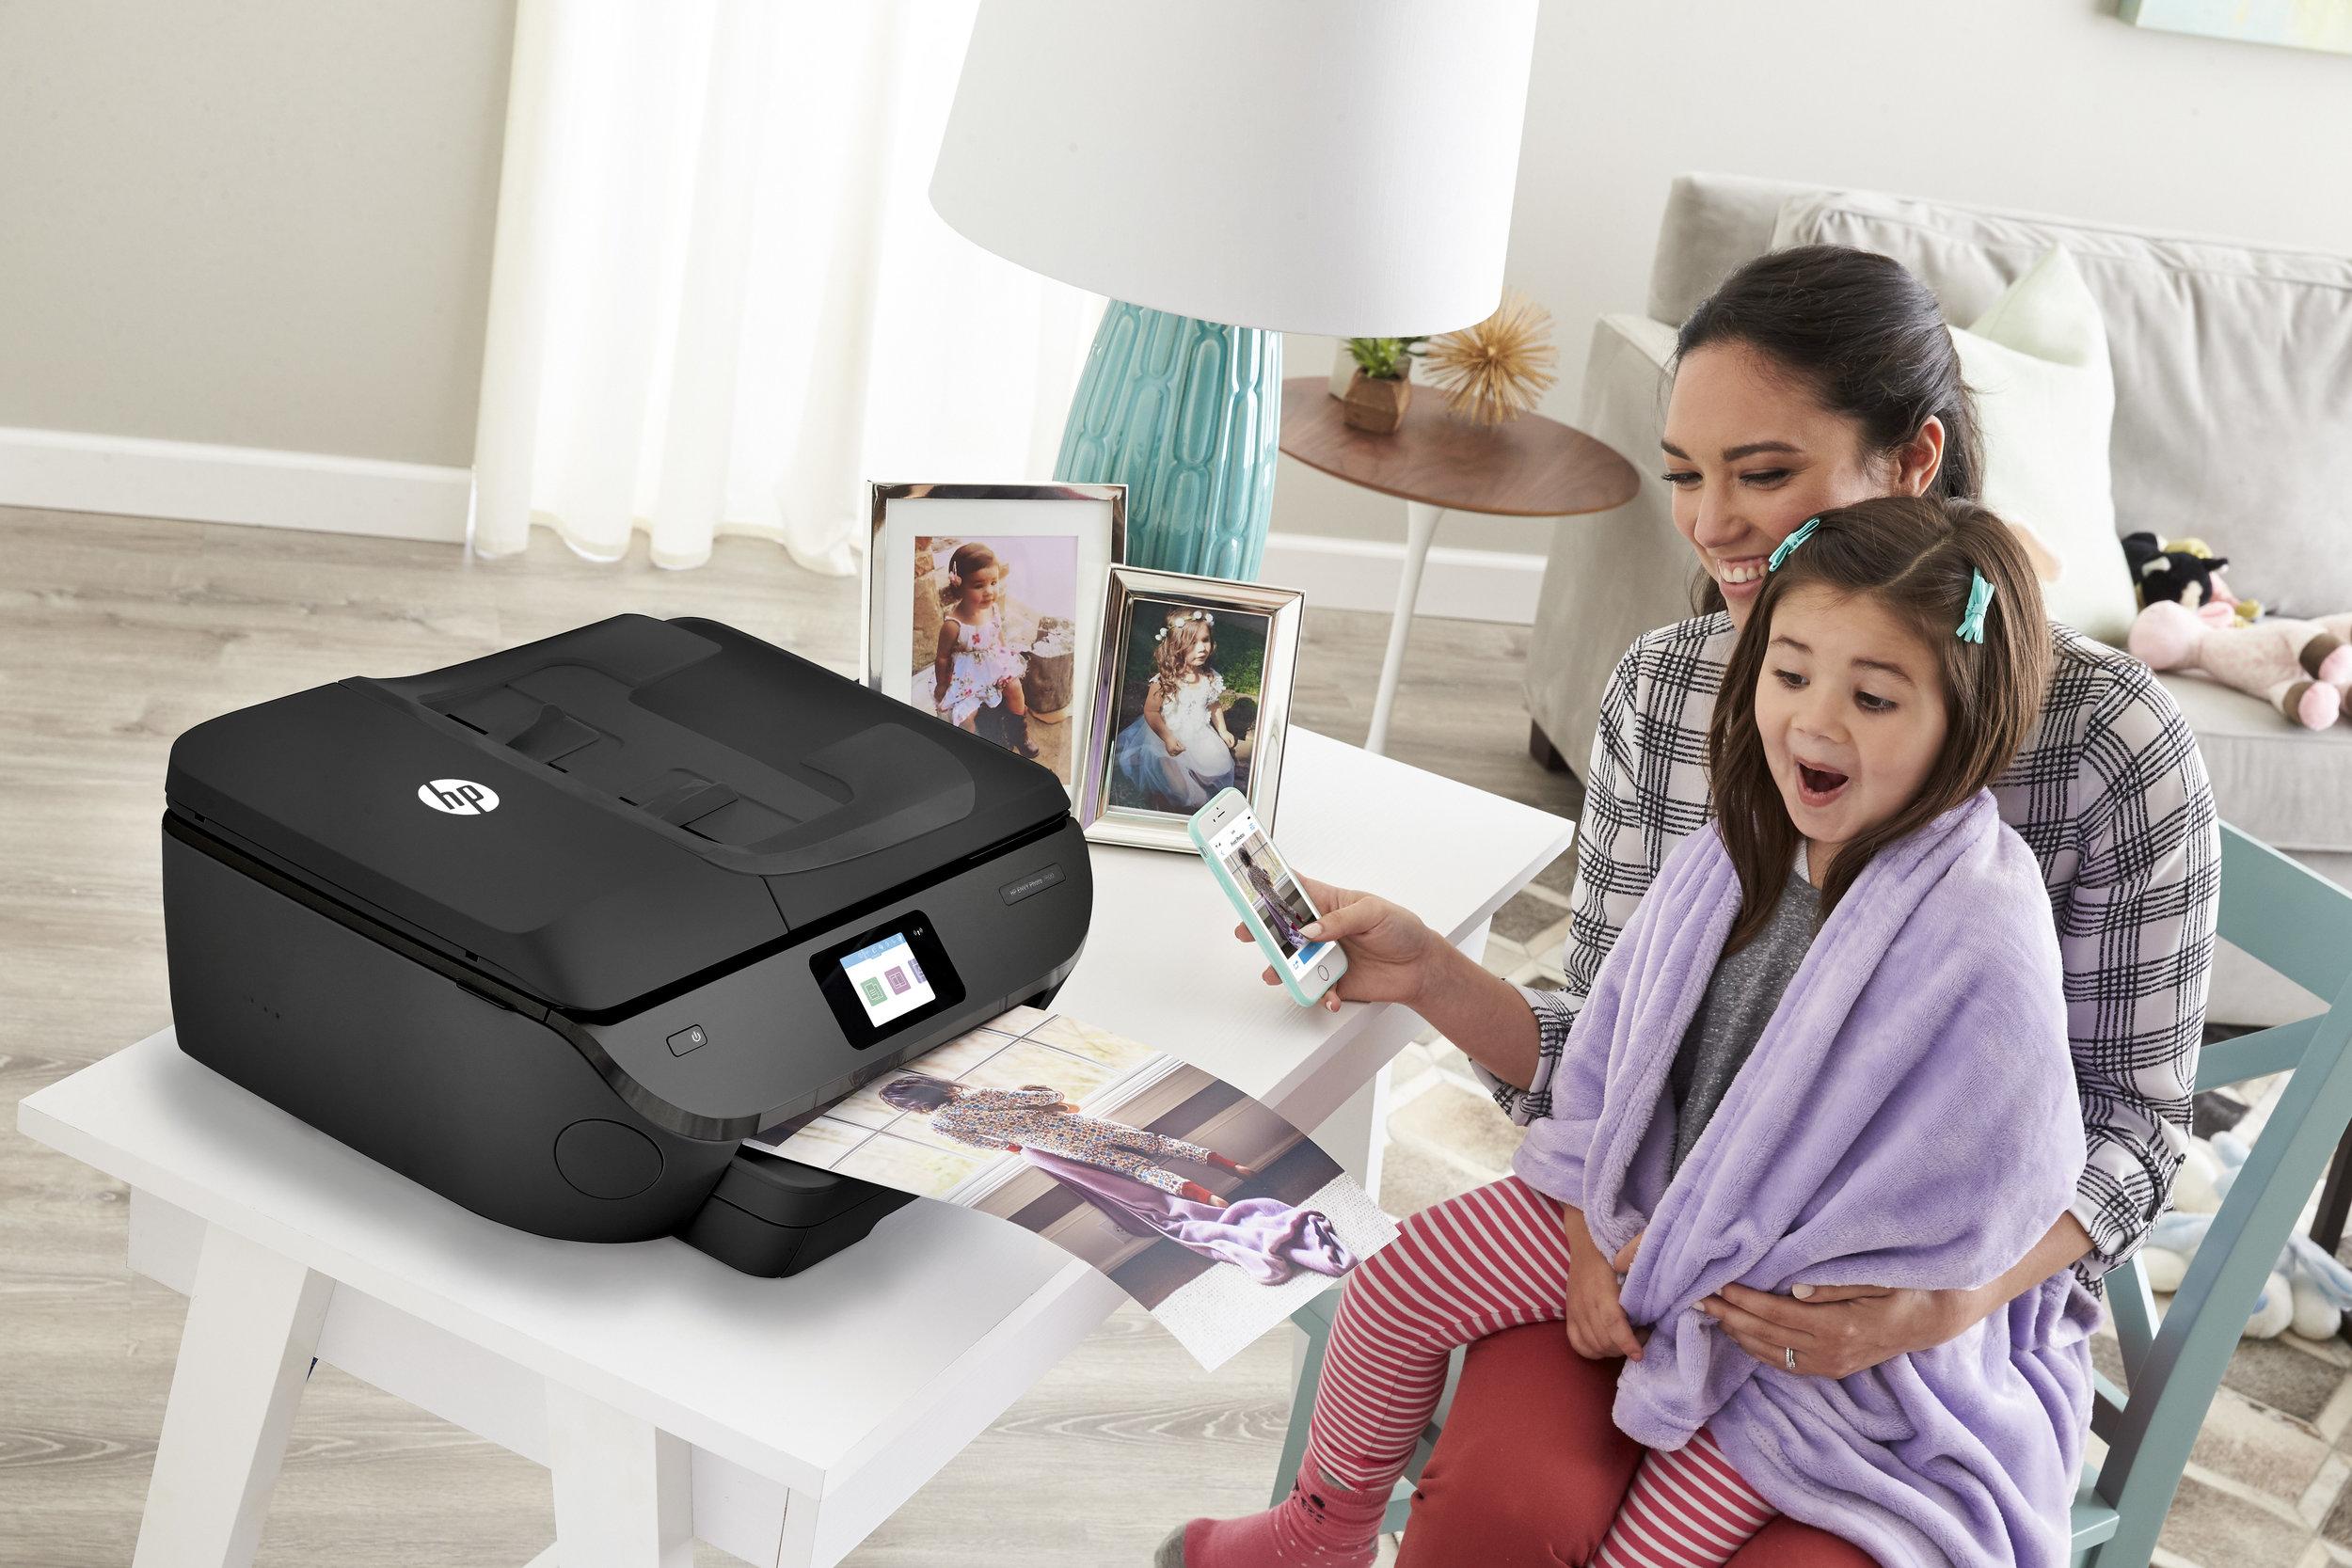 HP_ENVYPhoto_Blanket_Family 1_Product In Situ_7800.jpg